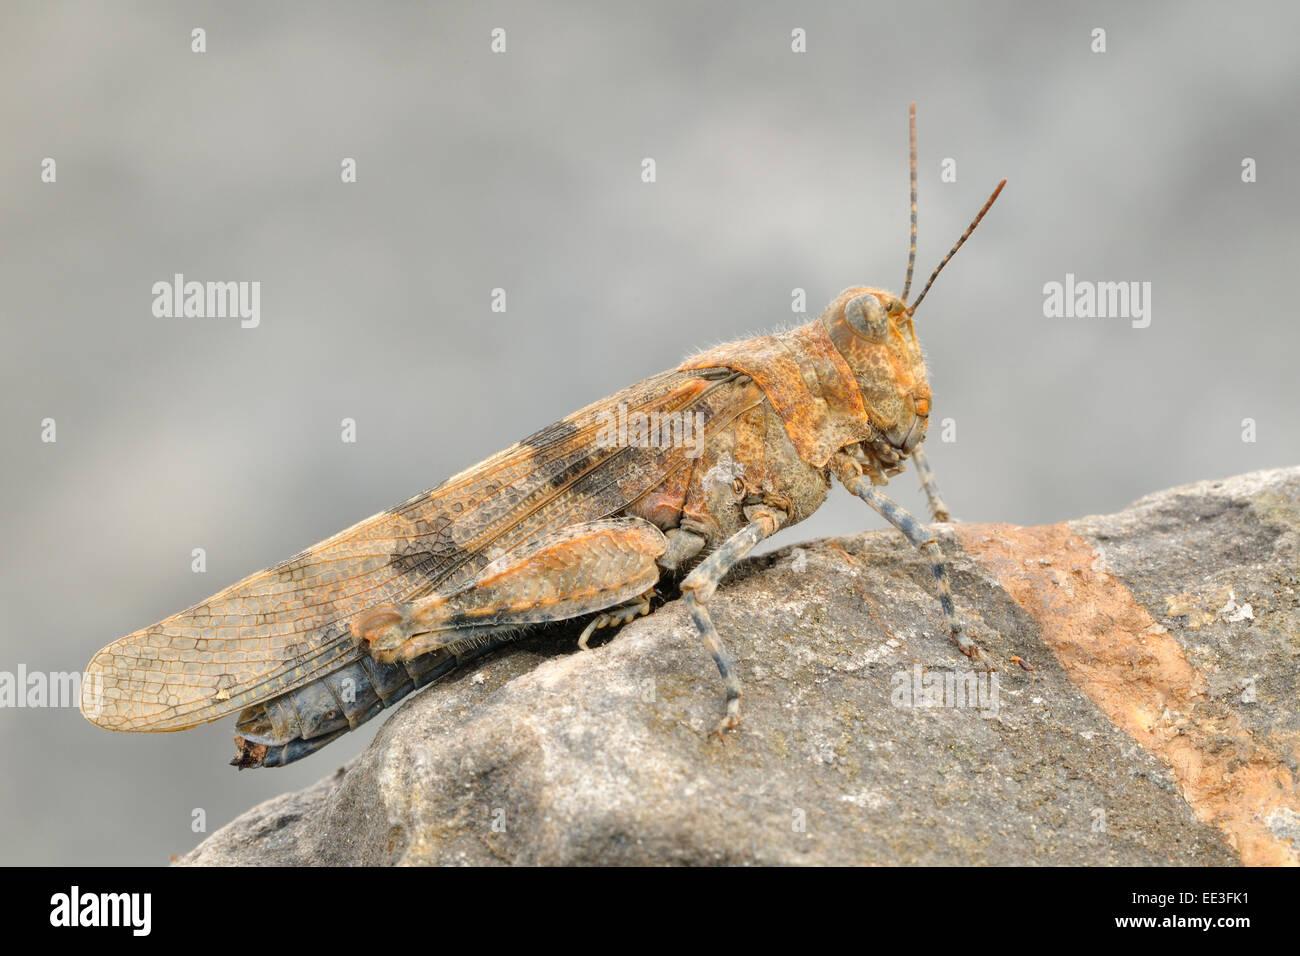 Blue-winged grasshopper [Oedipoda caerulescens], Alemania Foto de stock